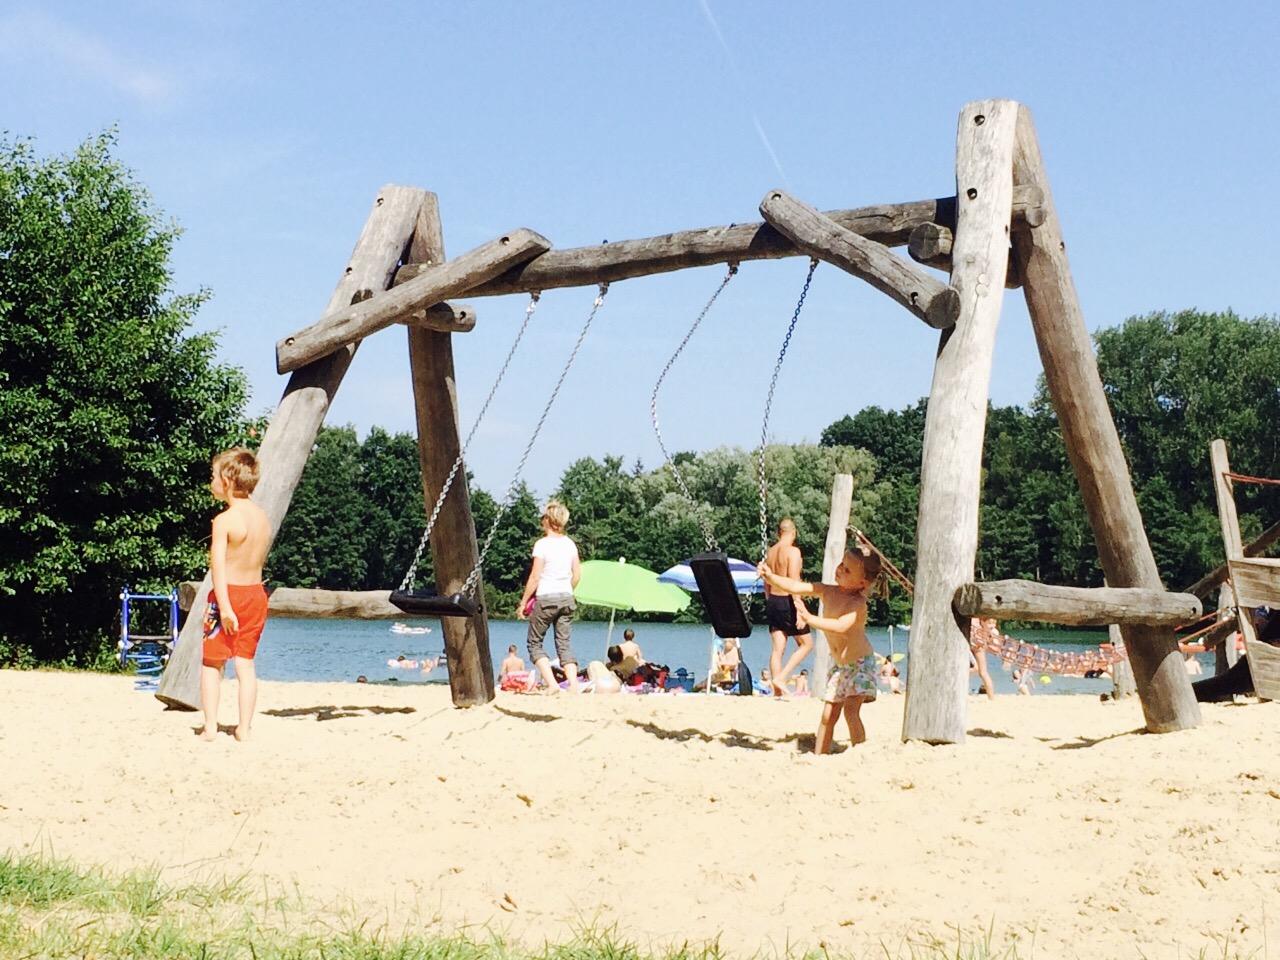 Spielplatz im Strandbad Alberssee